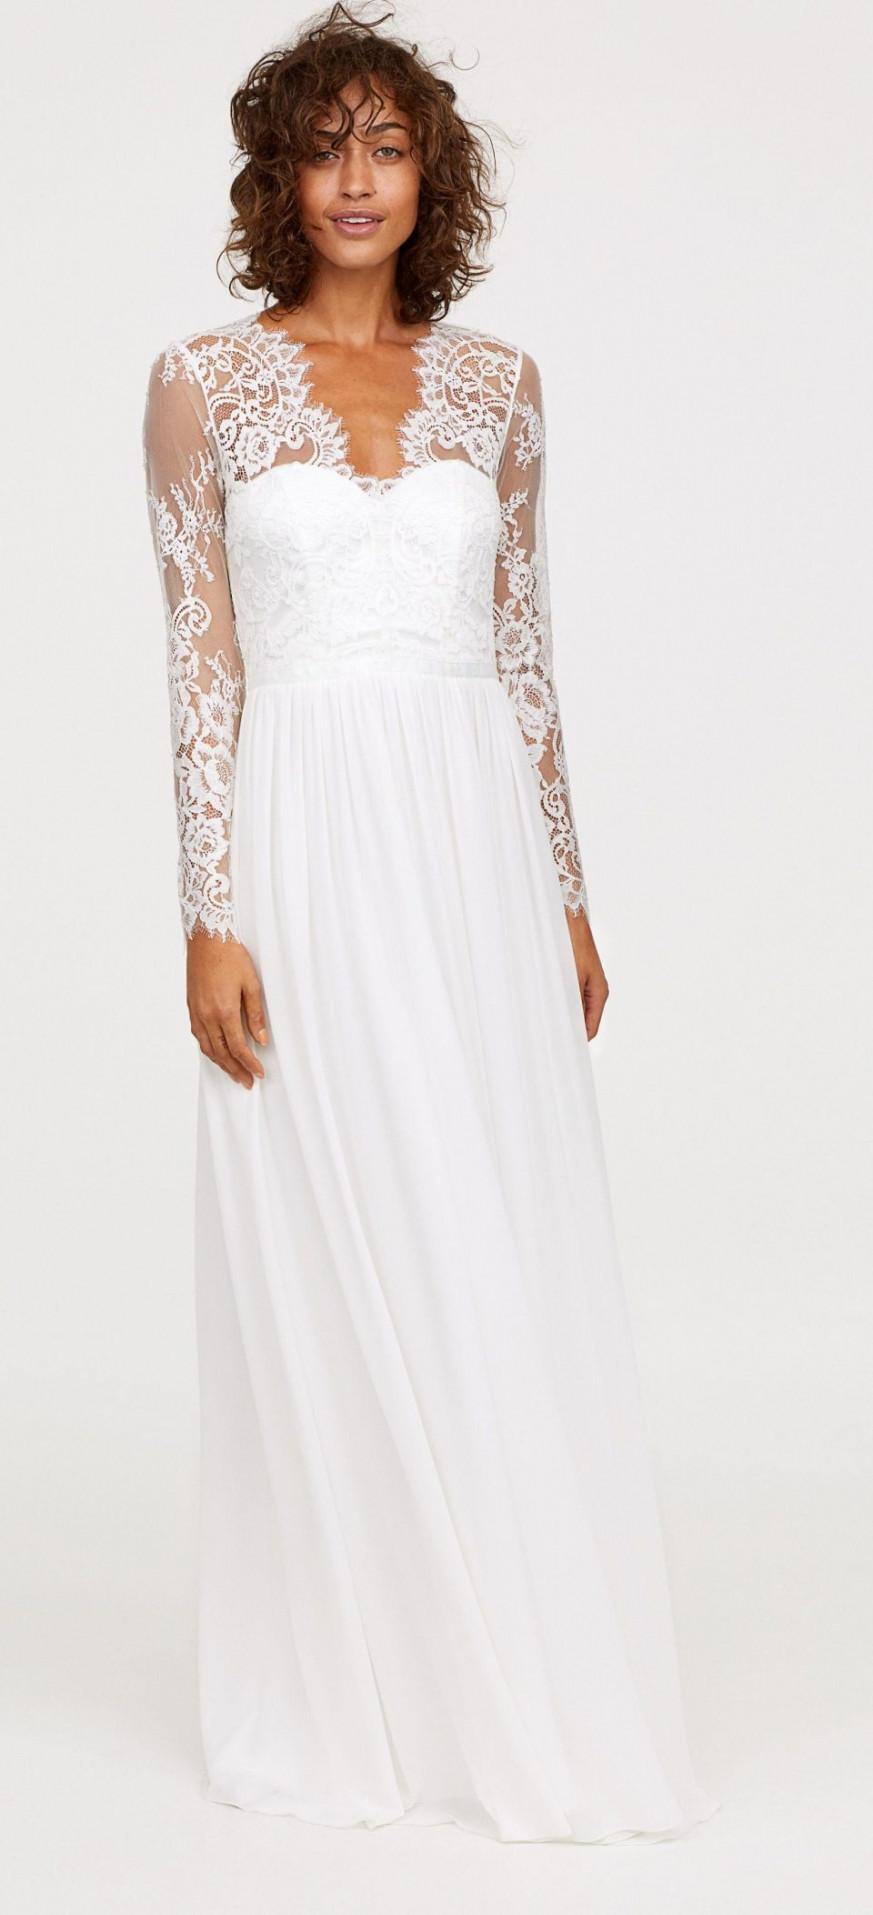 Váy cưới giá chỉ từ 1 triệu đồng cho cô dâu ngân sách eo hẹp Ảnh 4